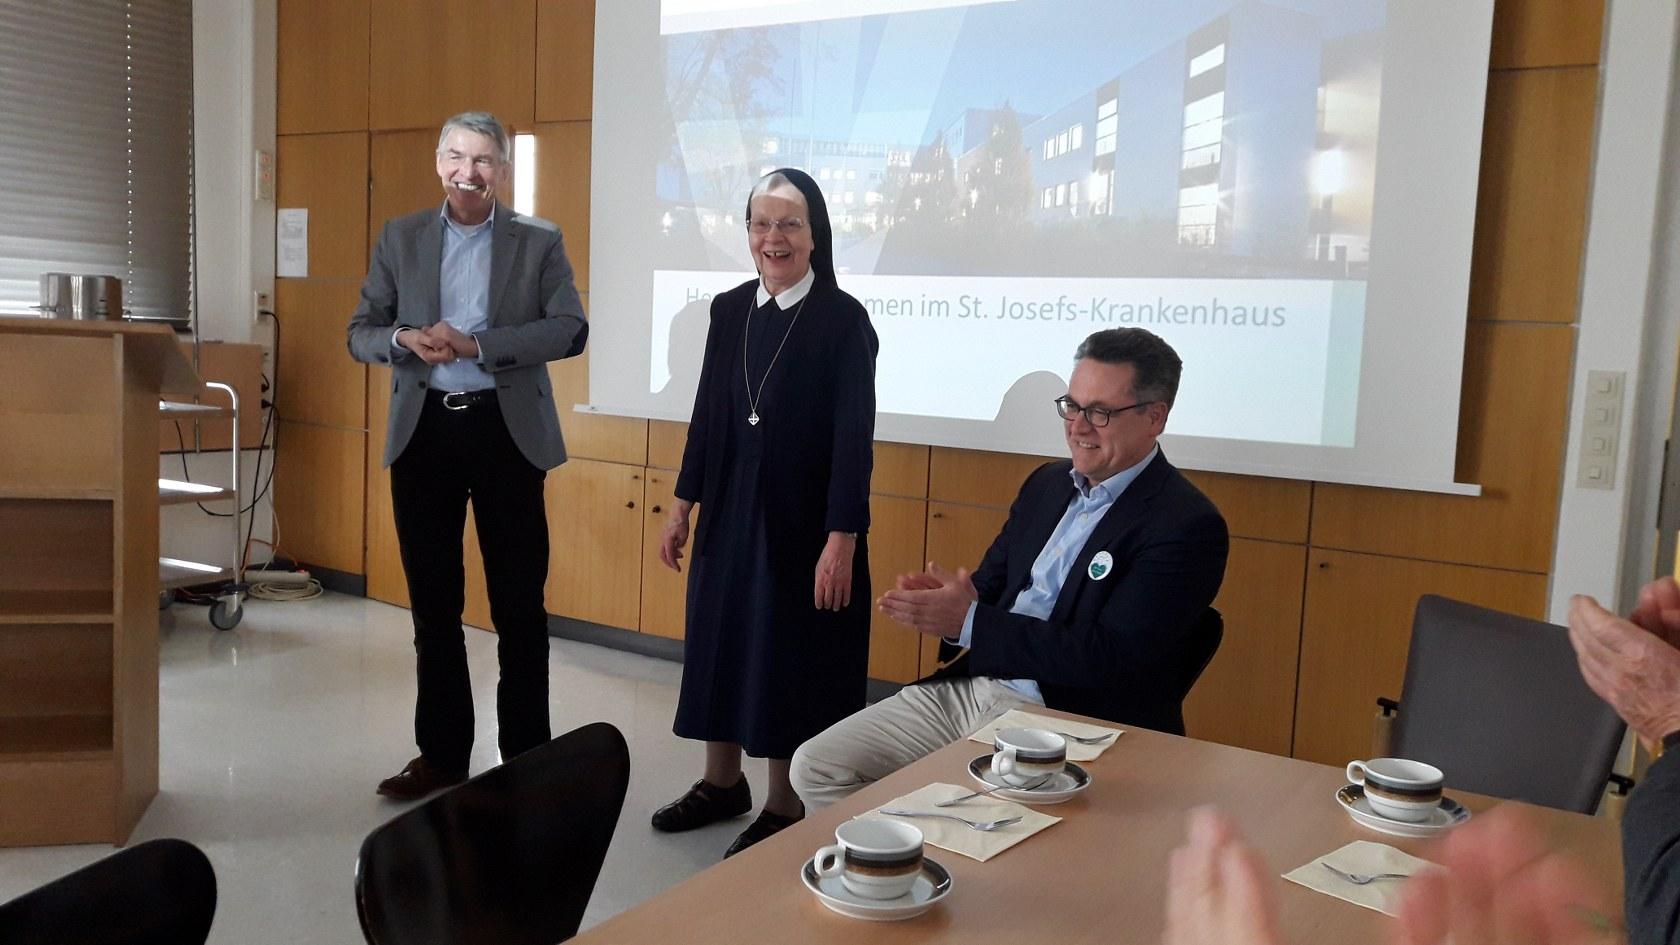 14.03.19 – Besuch des St. Josefs-Krankenhaus